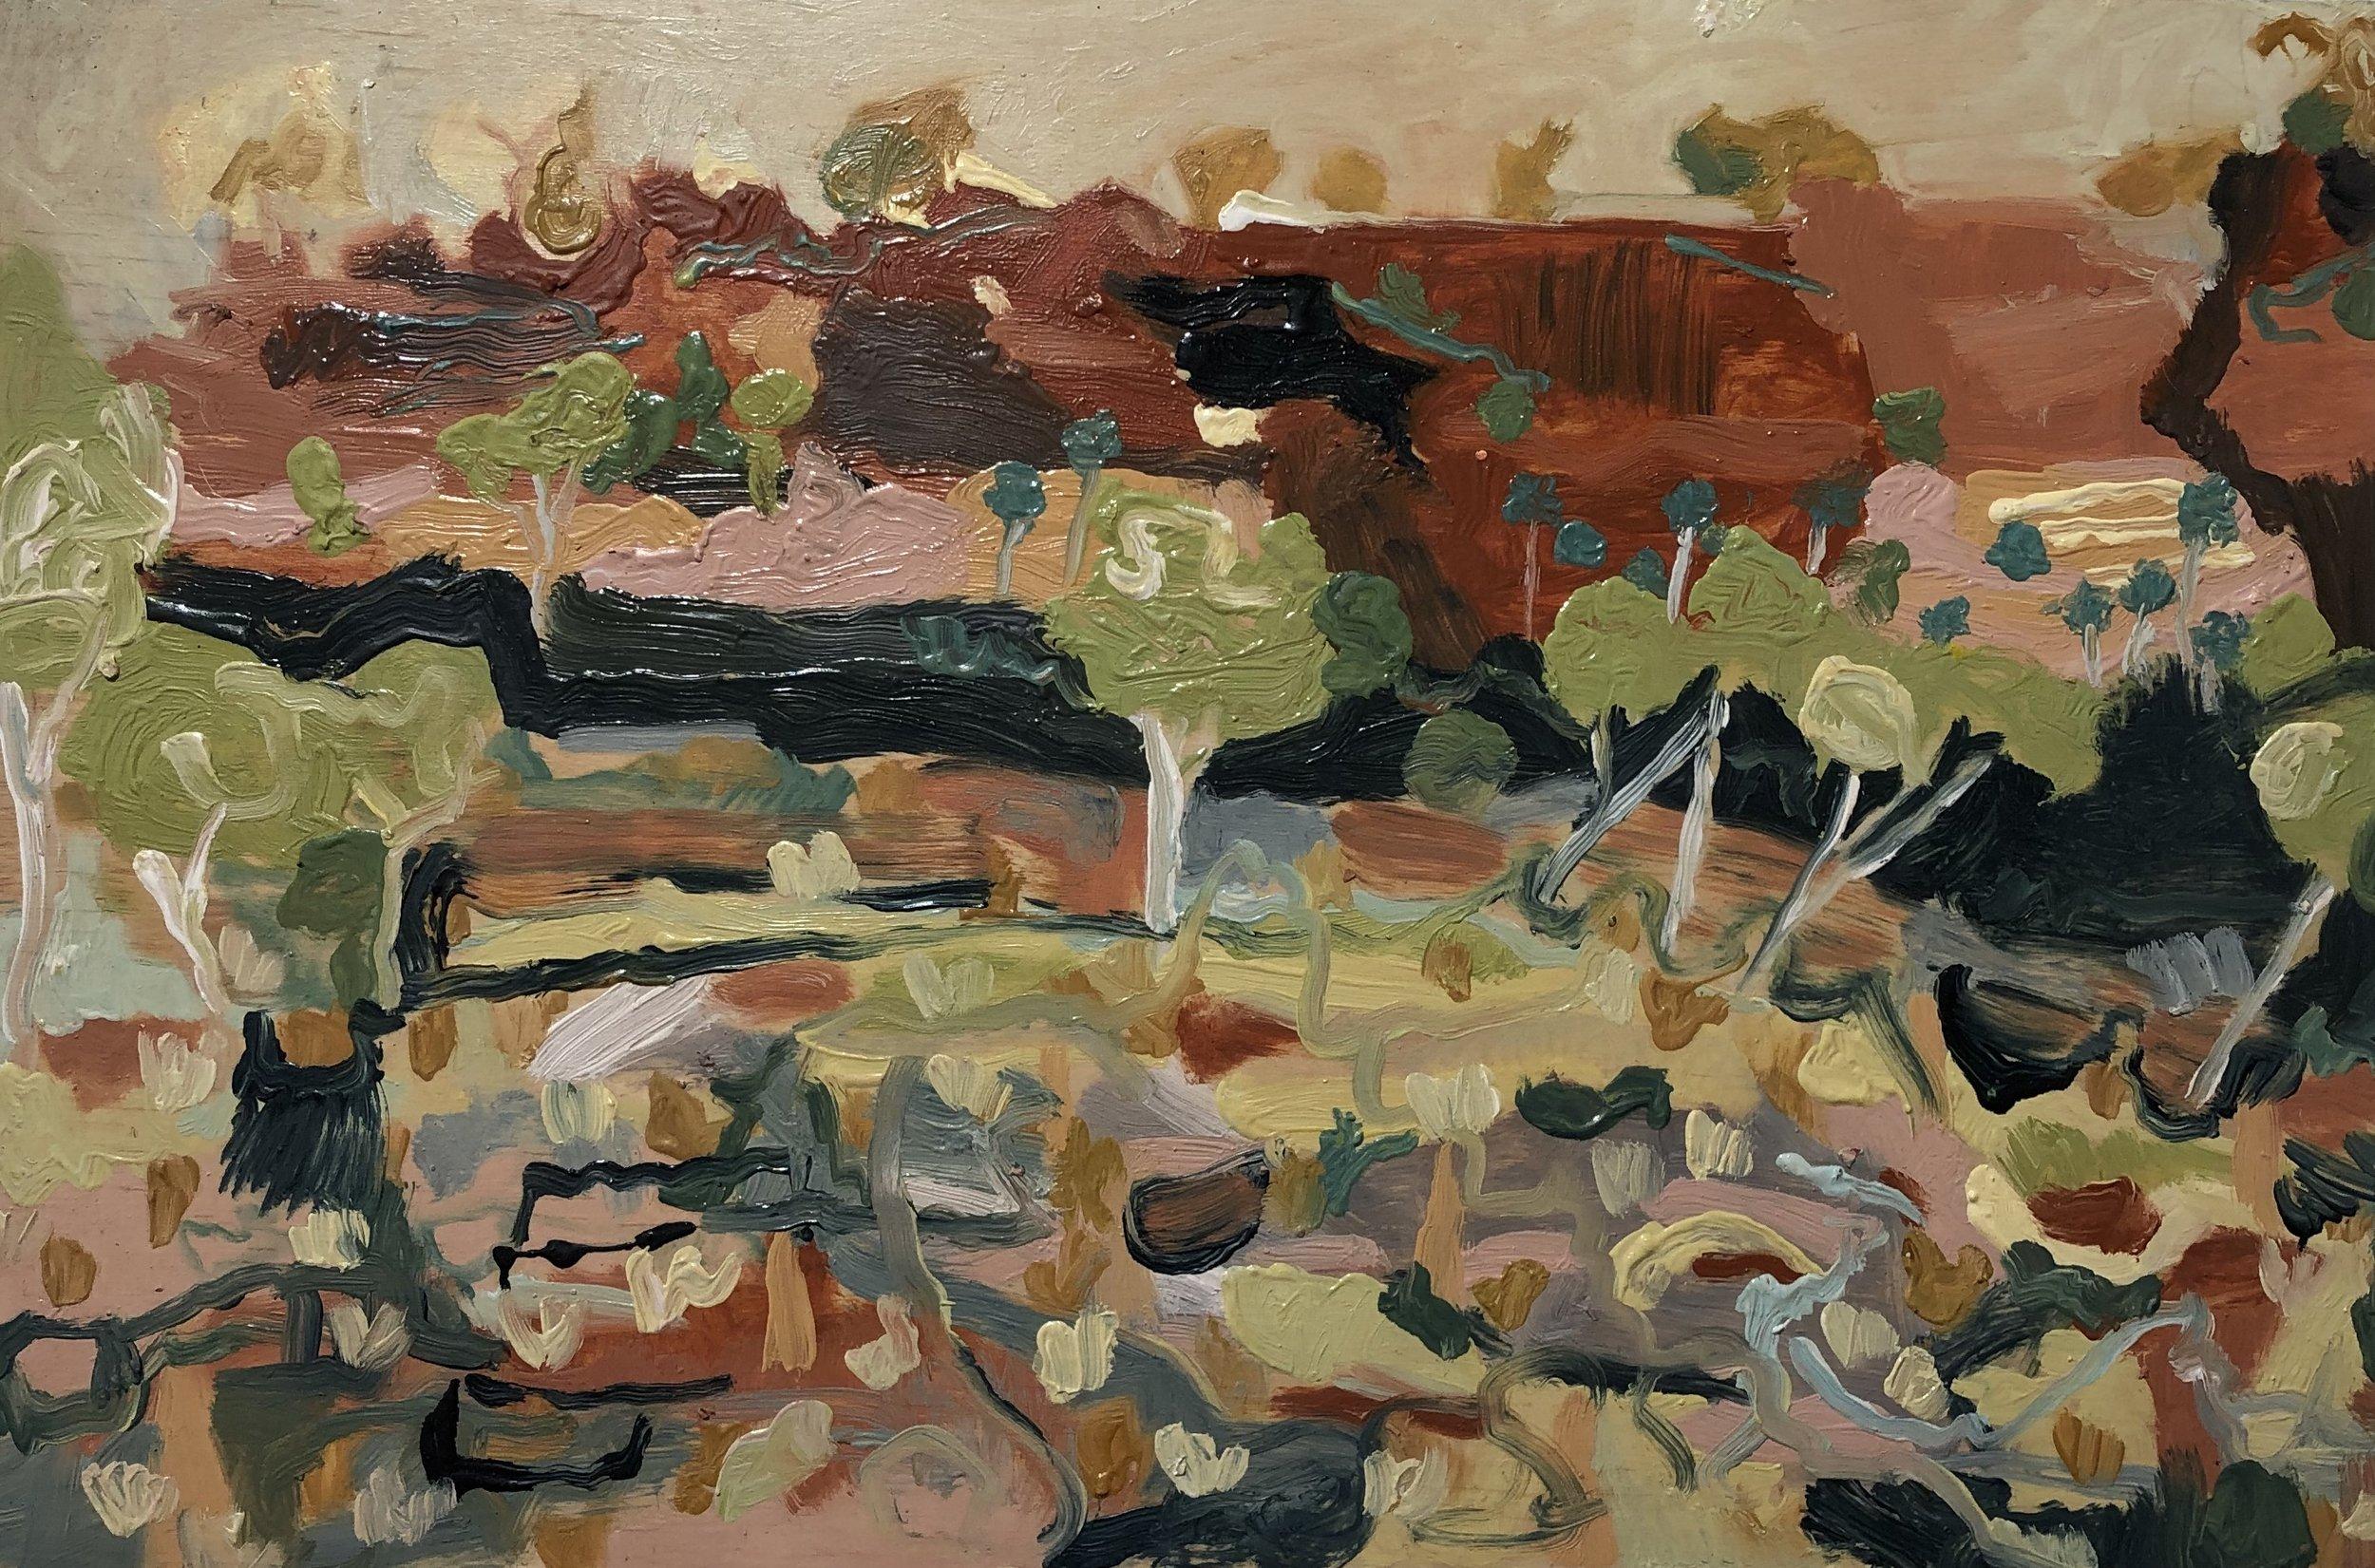 Michelle Teear Jasper Heights 2019  (En plein study in Jasper Gorge, Gregory NP, NT) Oil on plywood, egg emulsion  400 x 600mm $450.00 unframed  $580.00 framed